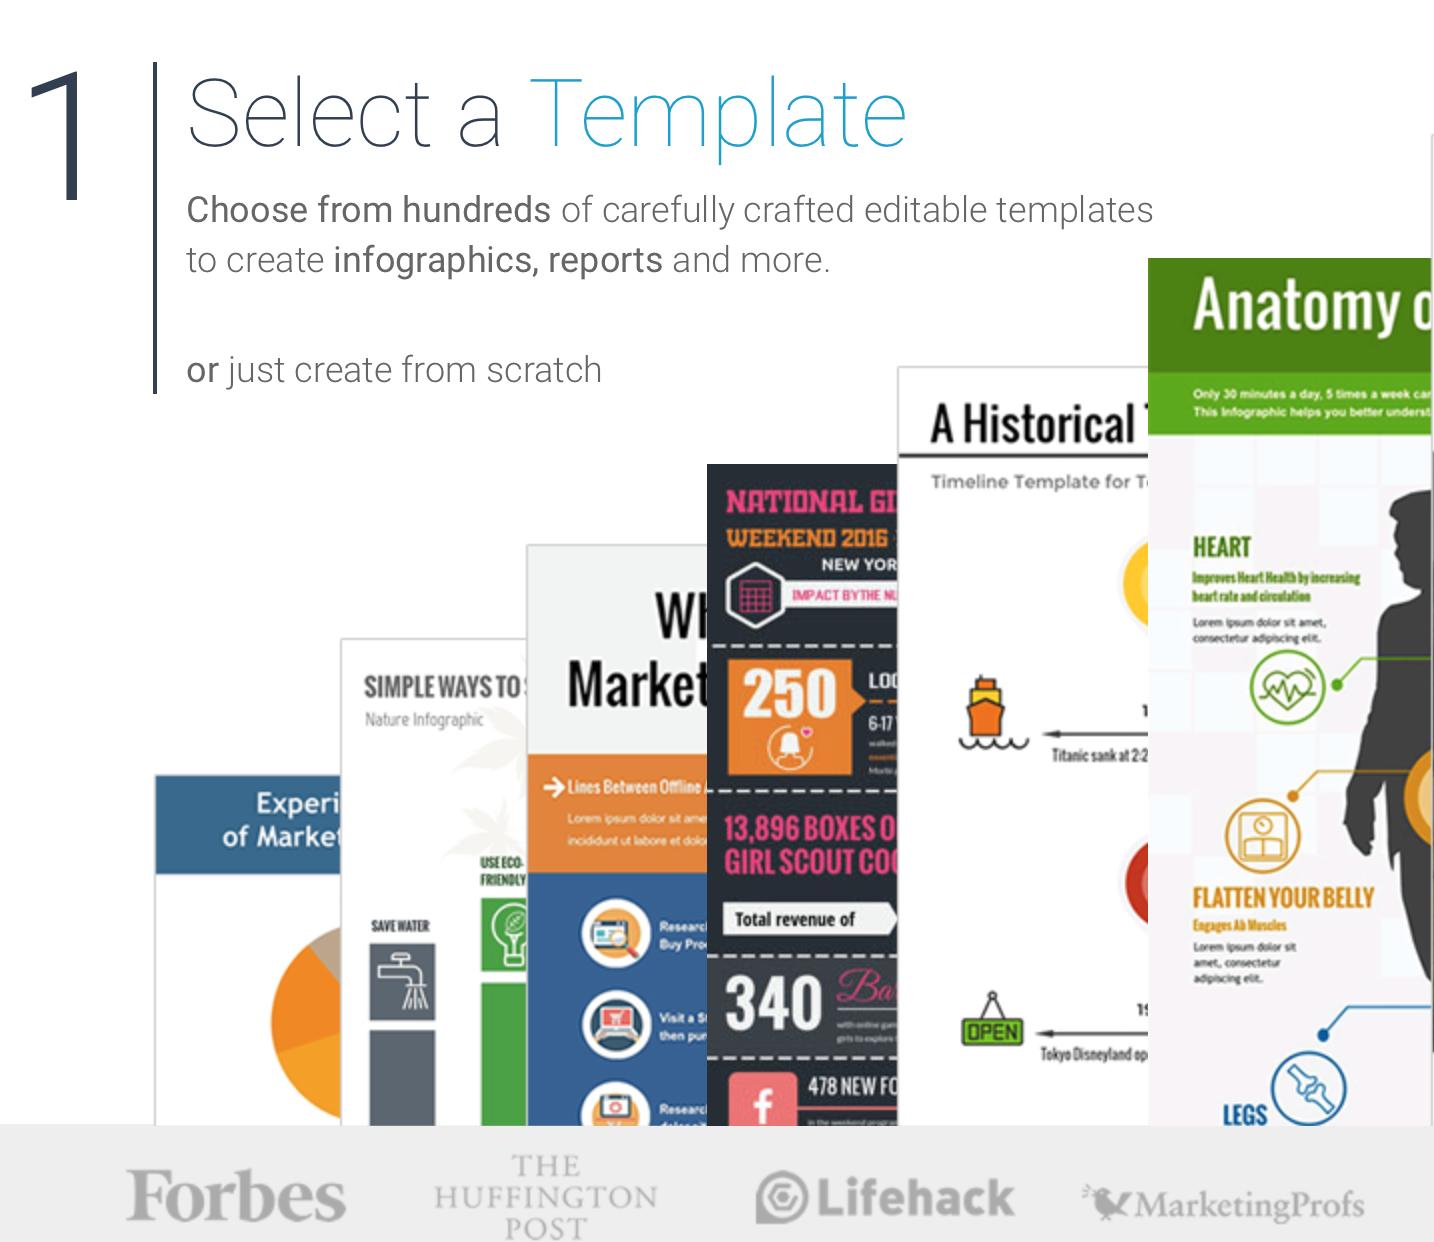 27 бесплатных сервисов для создания визуального контента без дизайнера - 10